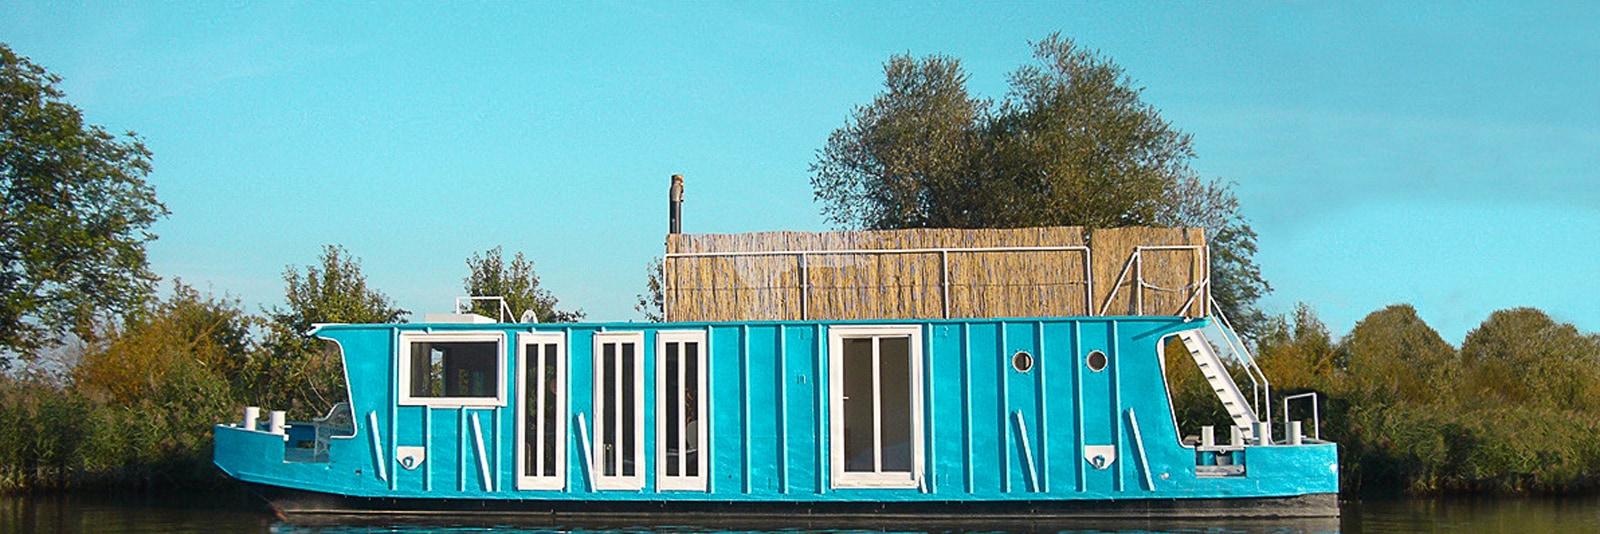 zementmosaikplatten-nummer-10843-hausboot-02-viaplatten |